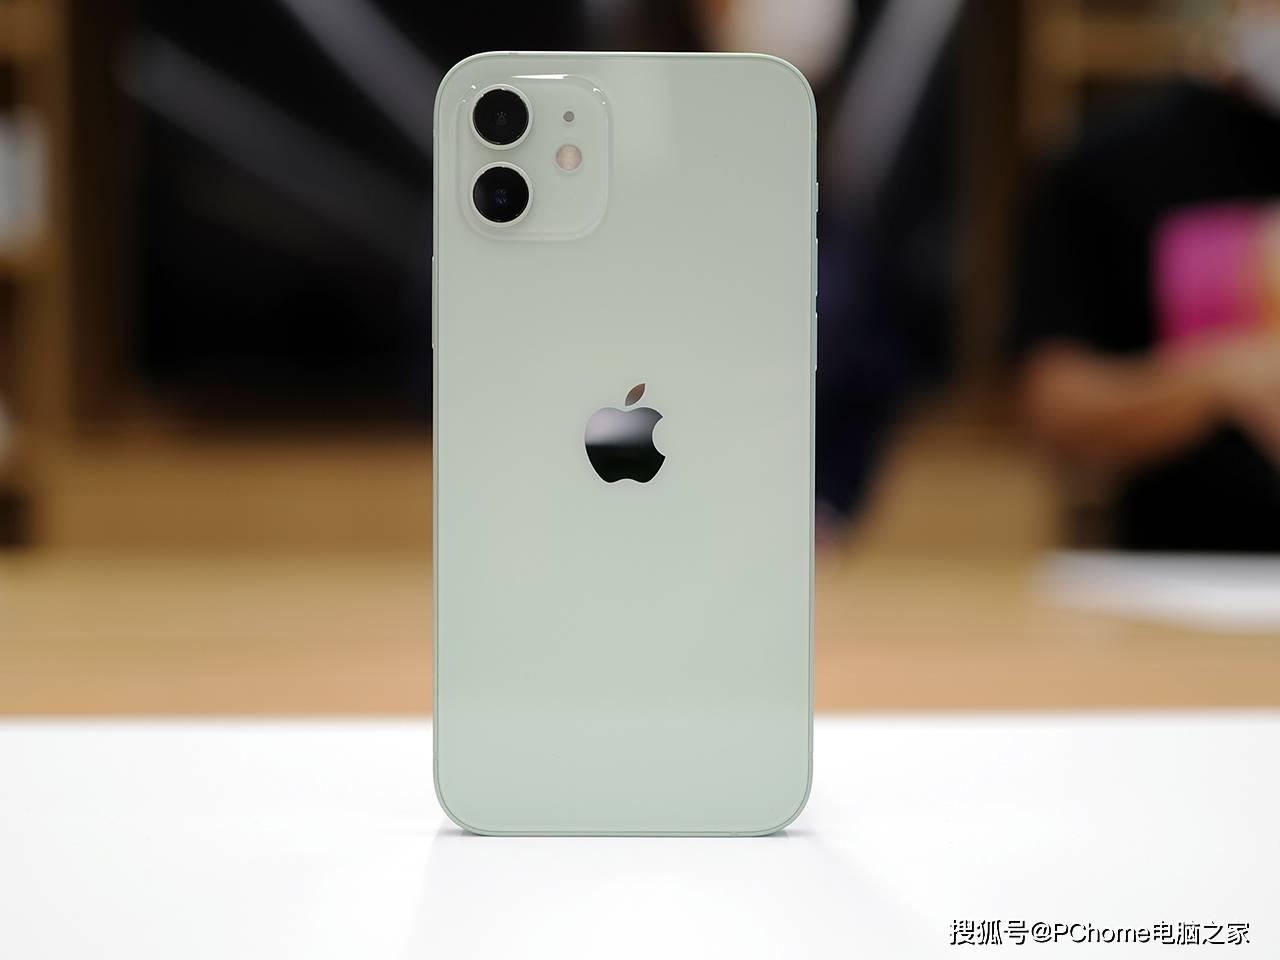 iPhone 13配备120Hz高刷屏 提供熄屏提醒功能